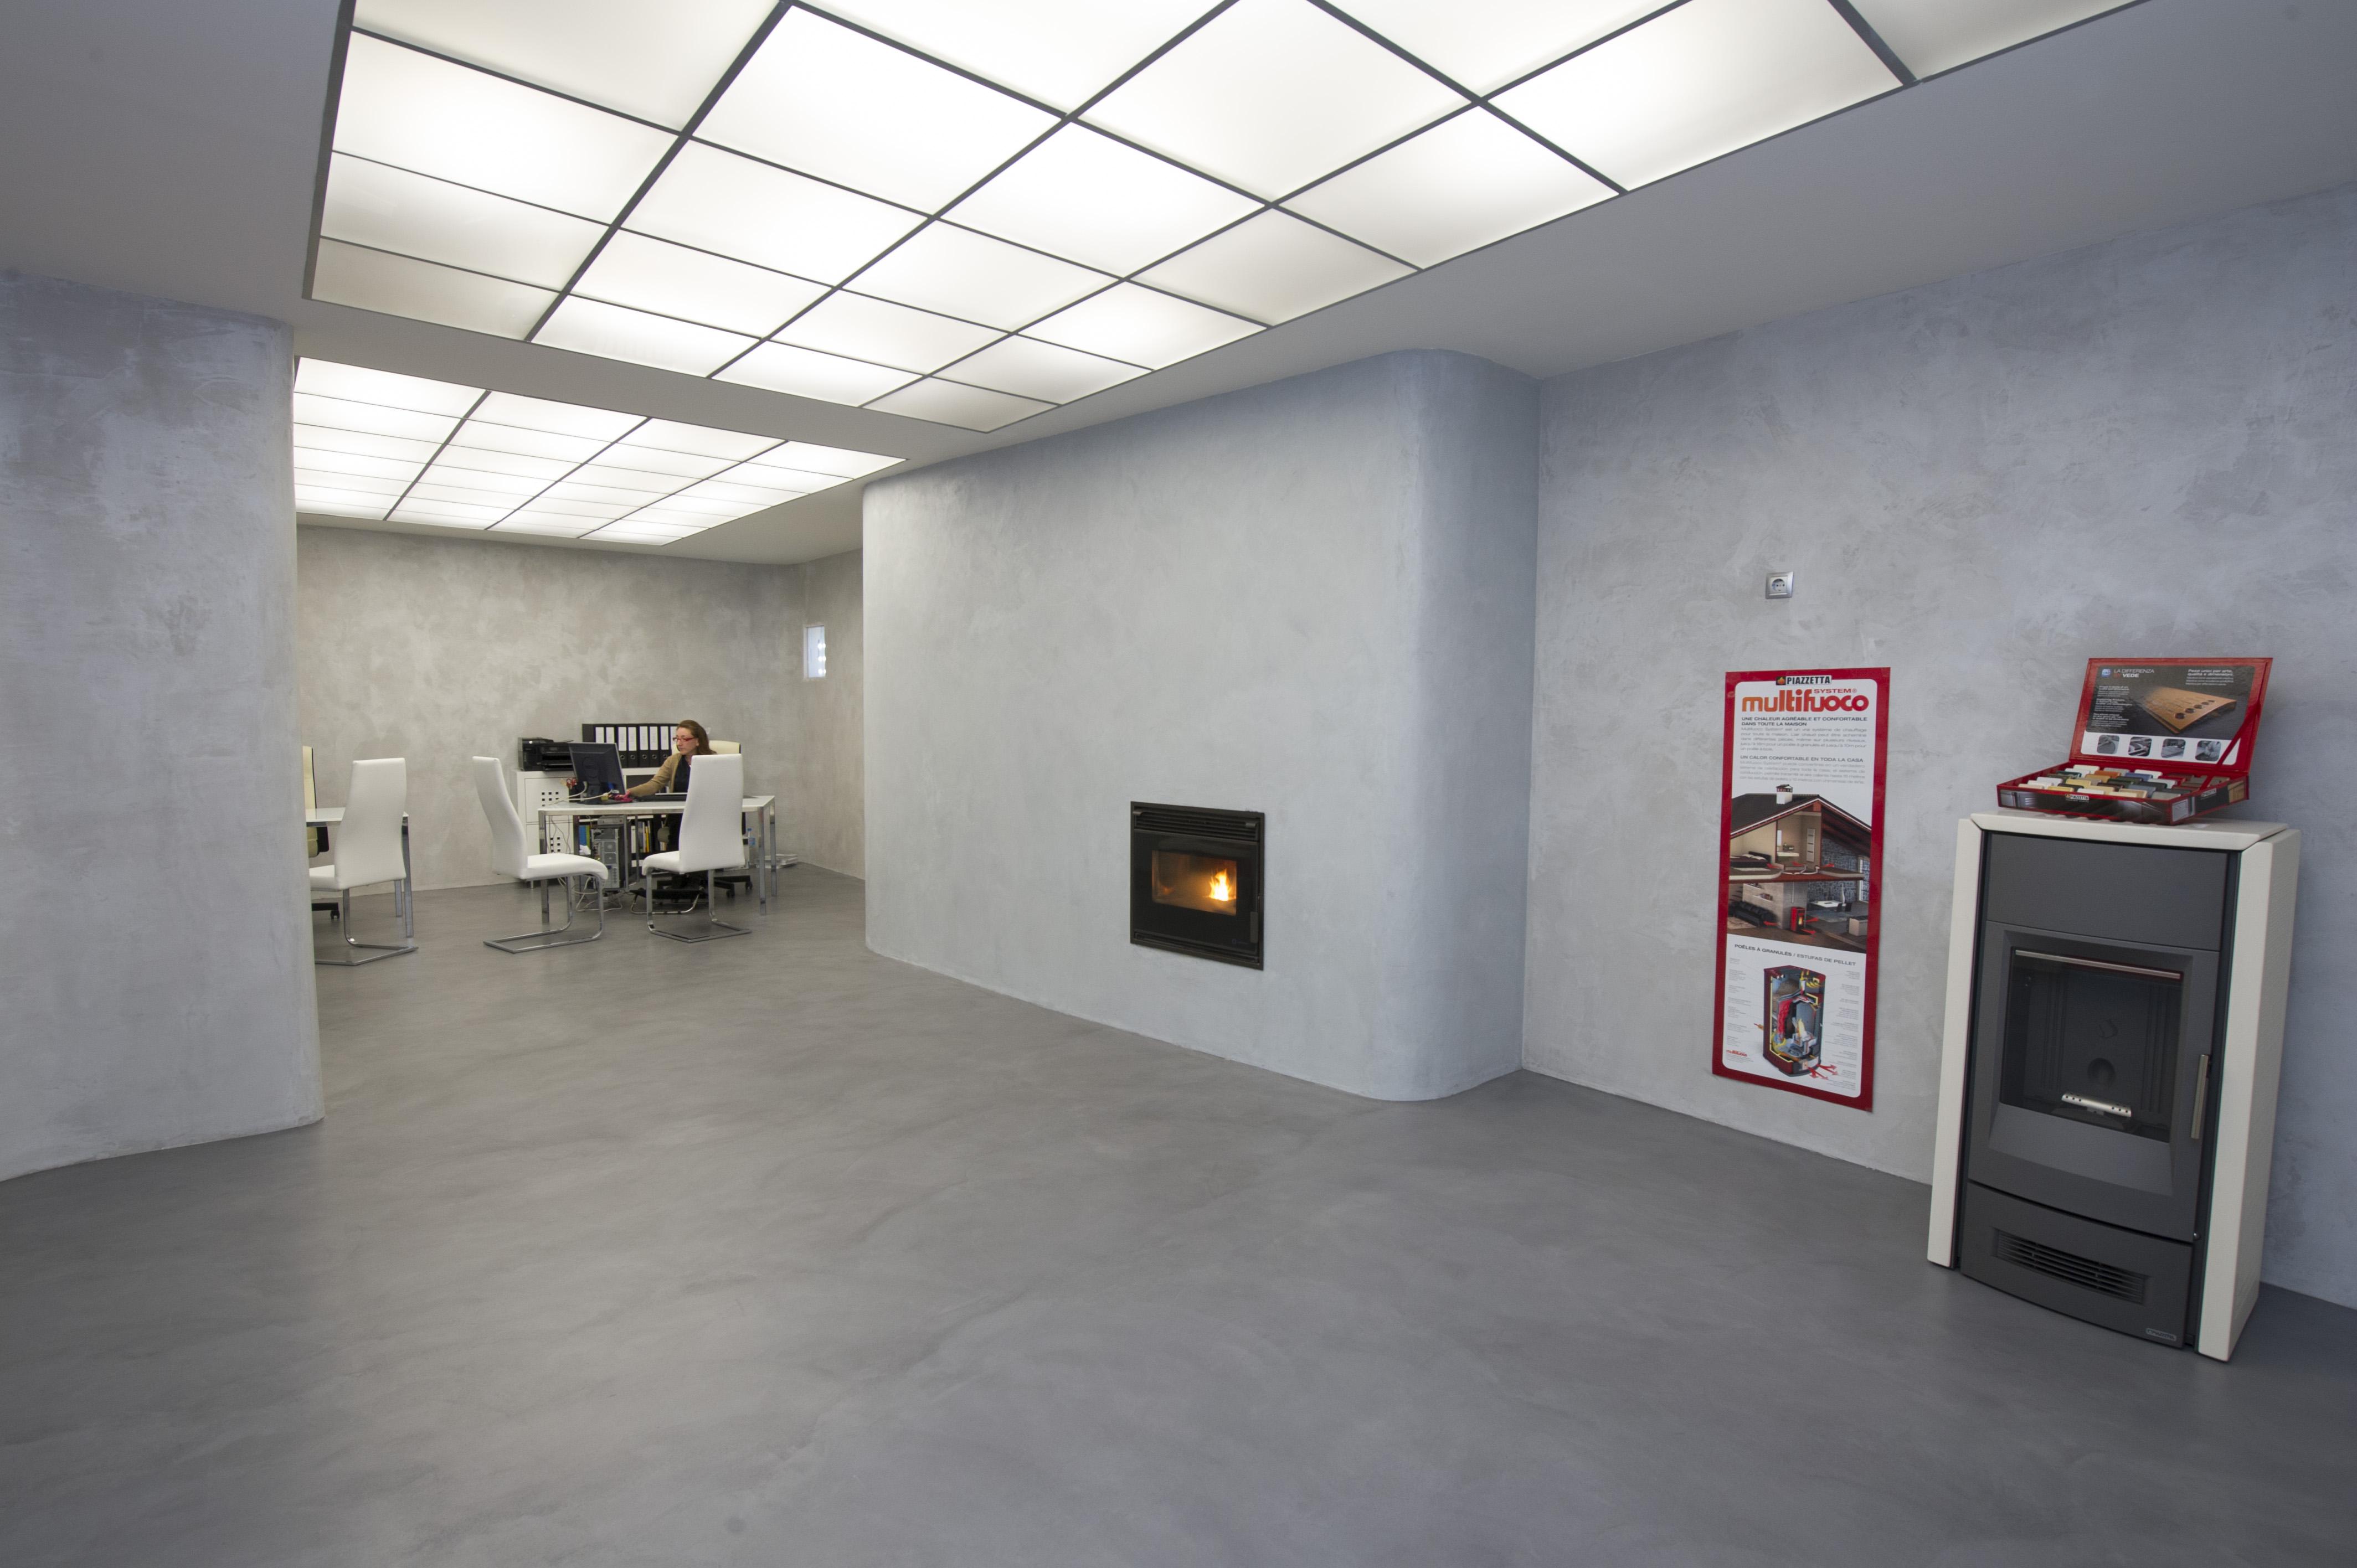 Dorable suelo de cemento pulido elaboraci n ideas de for Cemento pulido precio